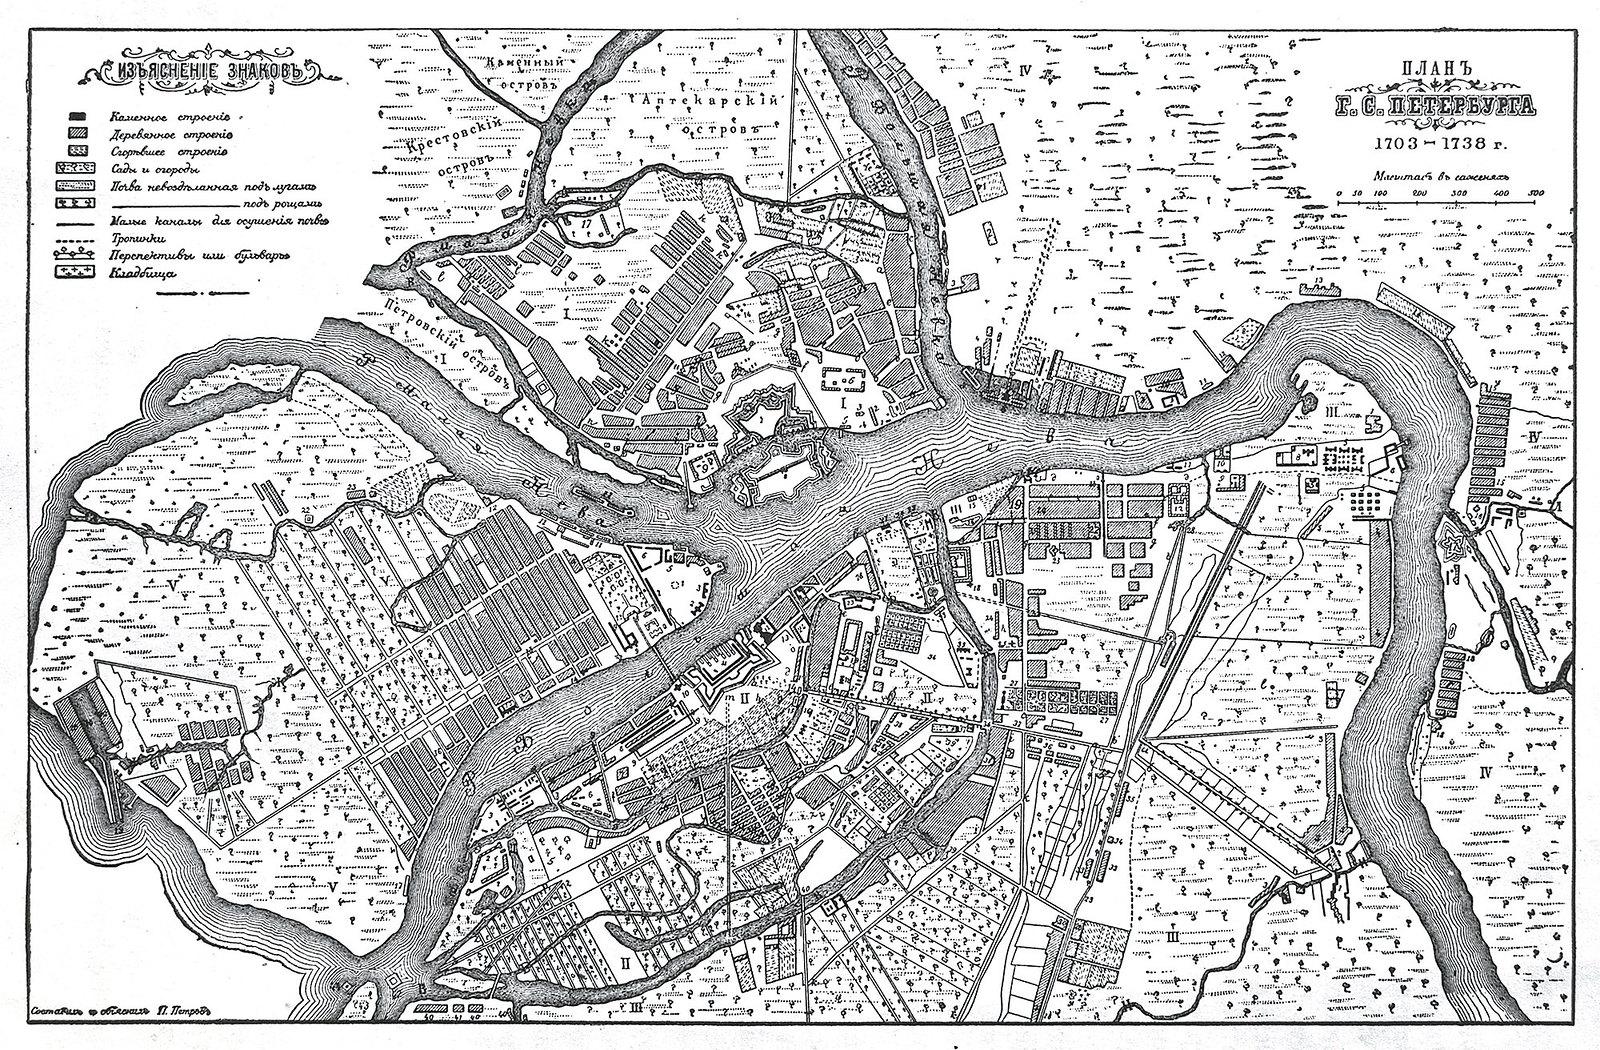 1738. План Санкт-Петербурга 1703-1738. Составитель П.Петров